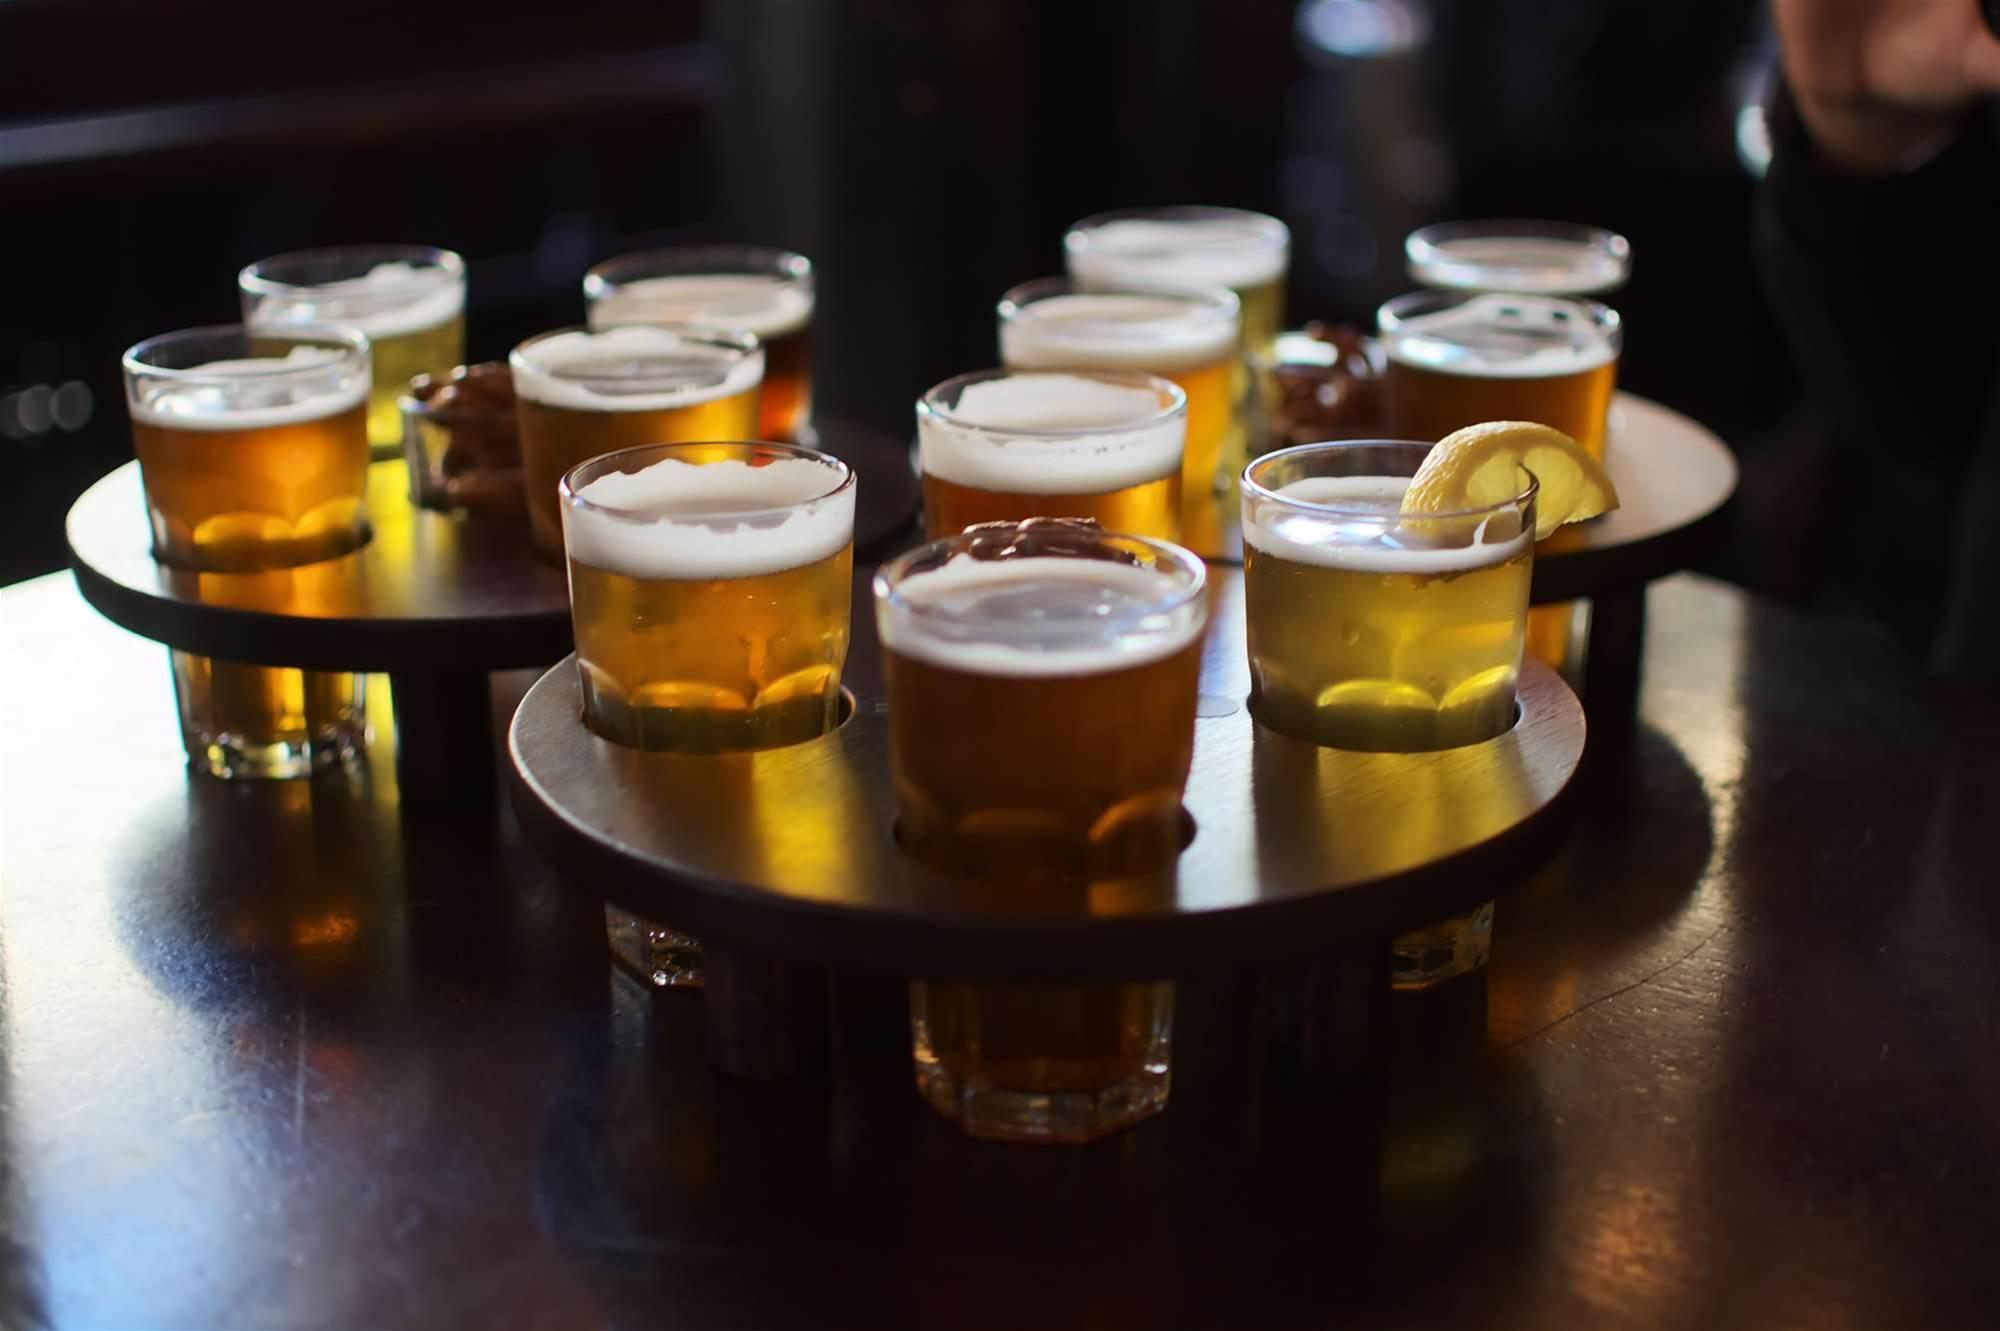 DNA Test Detects Beer Gone Bad